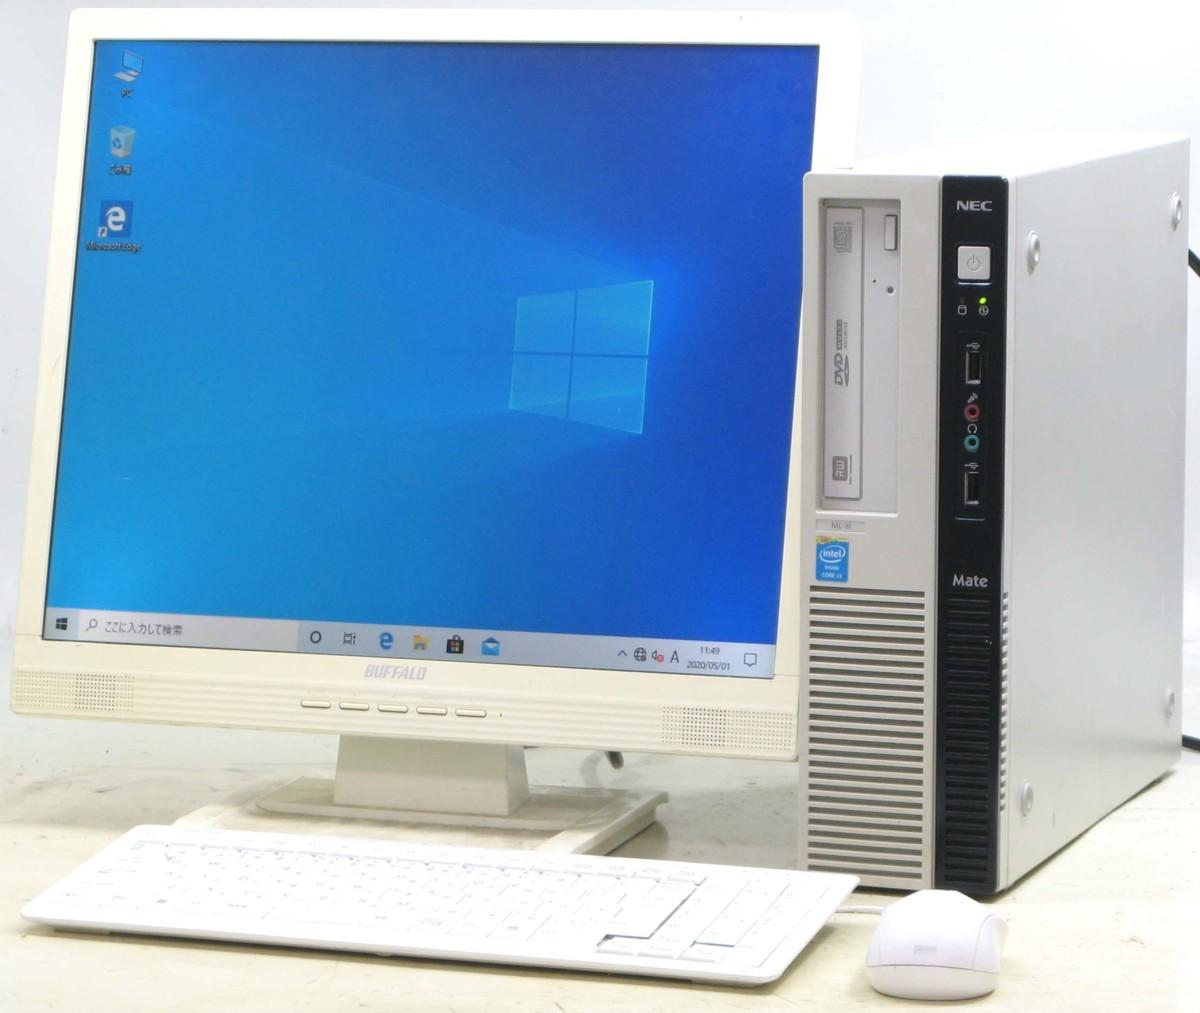 【初期設定済み!すぐ使える】 中古 パソコン デスクトップ 19型 19インチ 液晶モニター セット NEC PC-MK34LLZZJ5XH Windows10 Corei3 メモリ4GB HDD500GB DVDスーパーマルチ 中古PC 【中古】